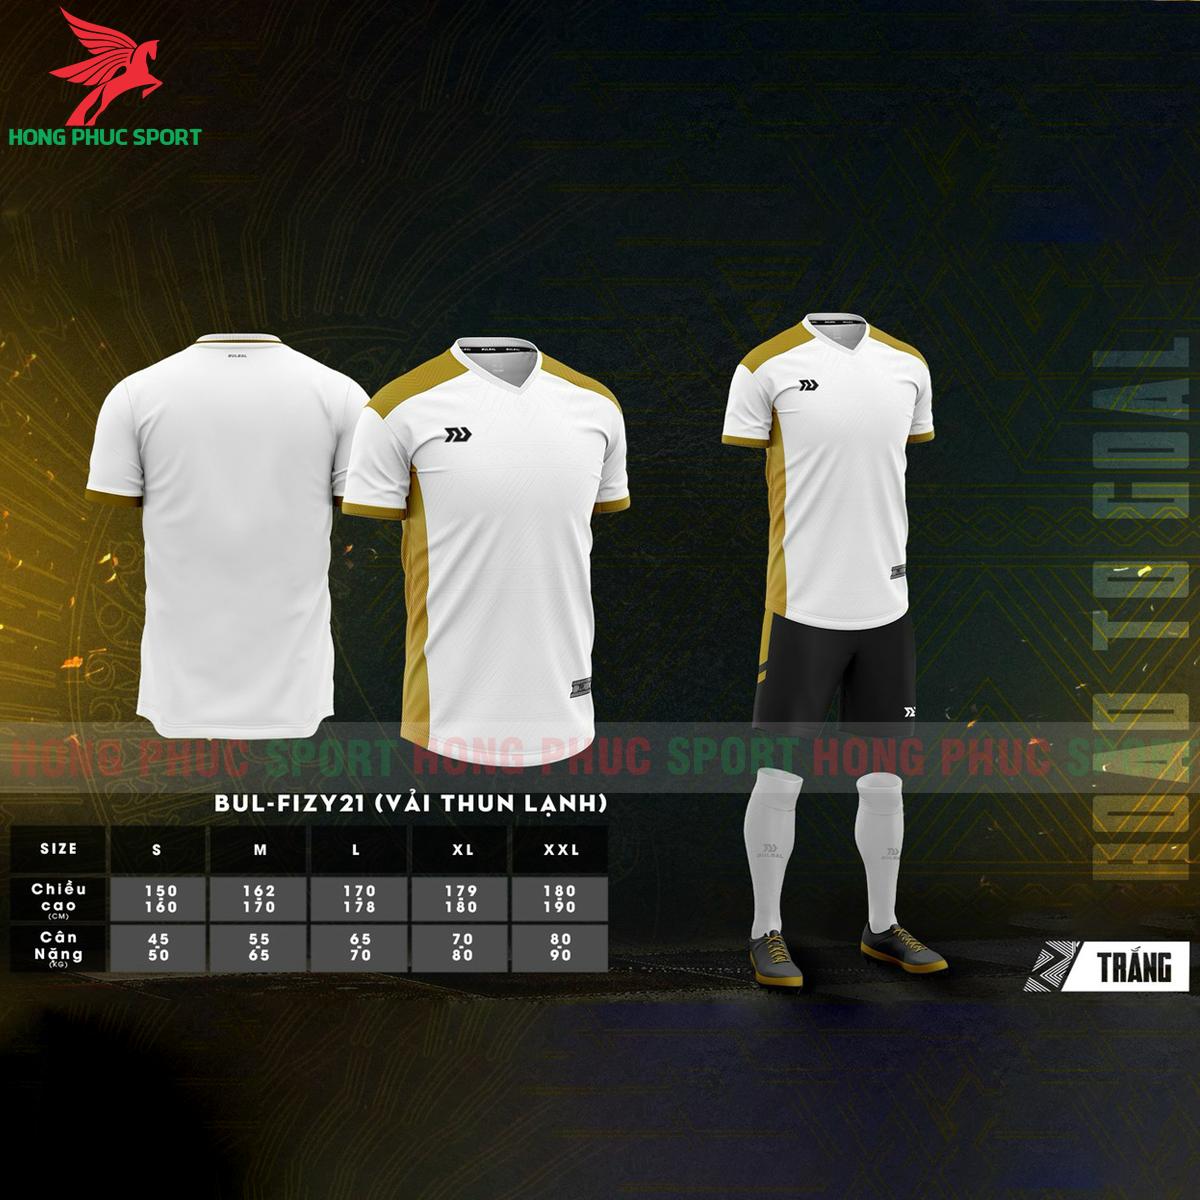 Áo đá banh không logo Bulbal Falcol 2021 màu trắng(1)